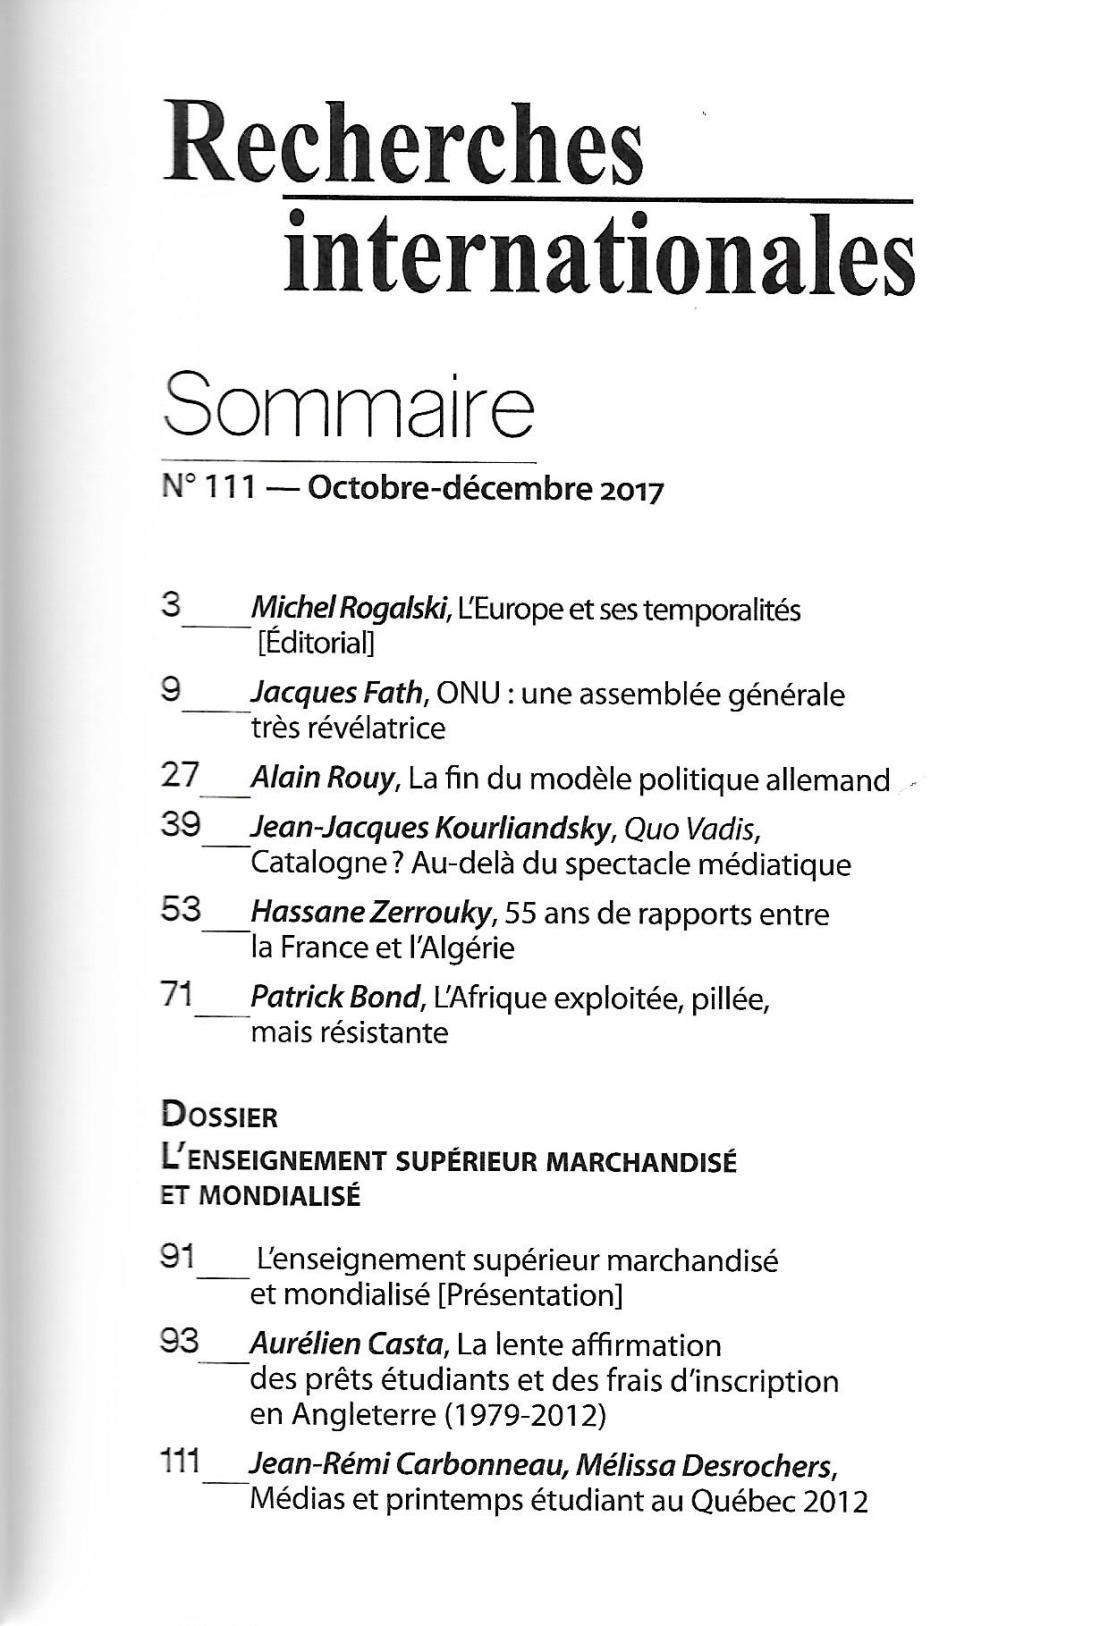 RI 111 (2) Sommaire